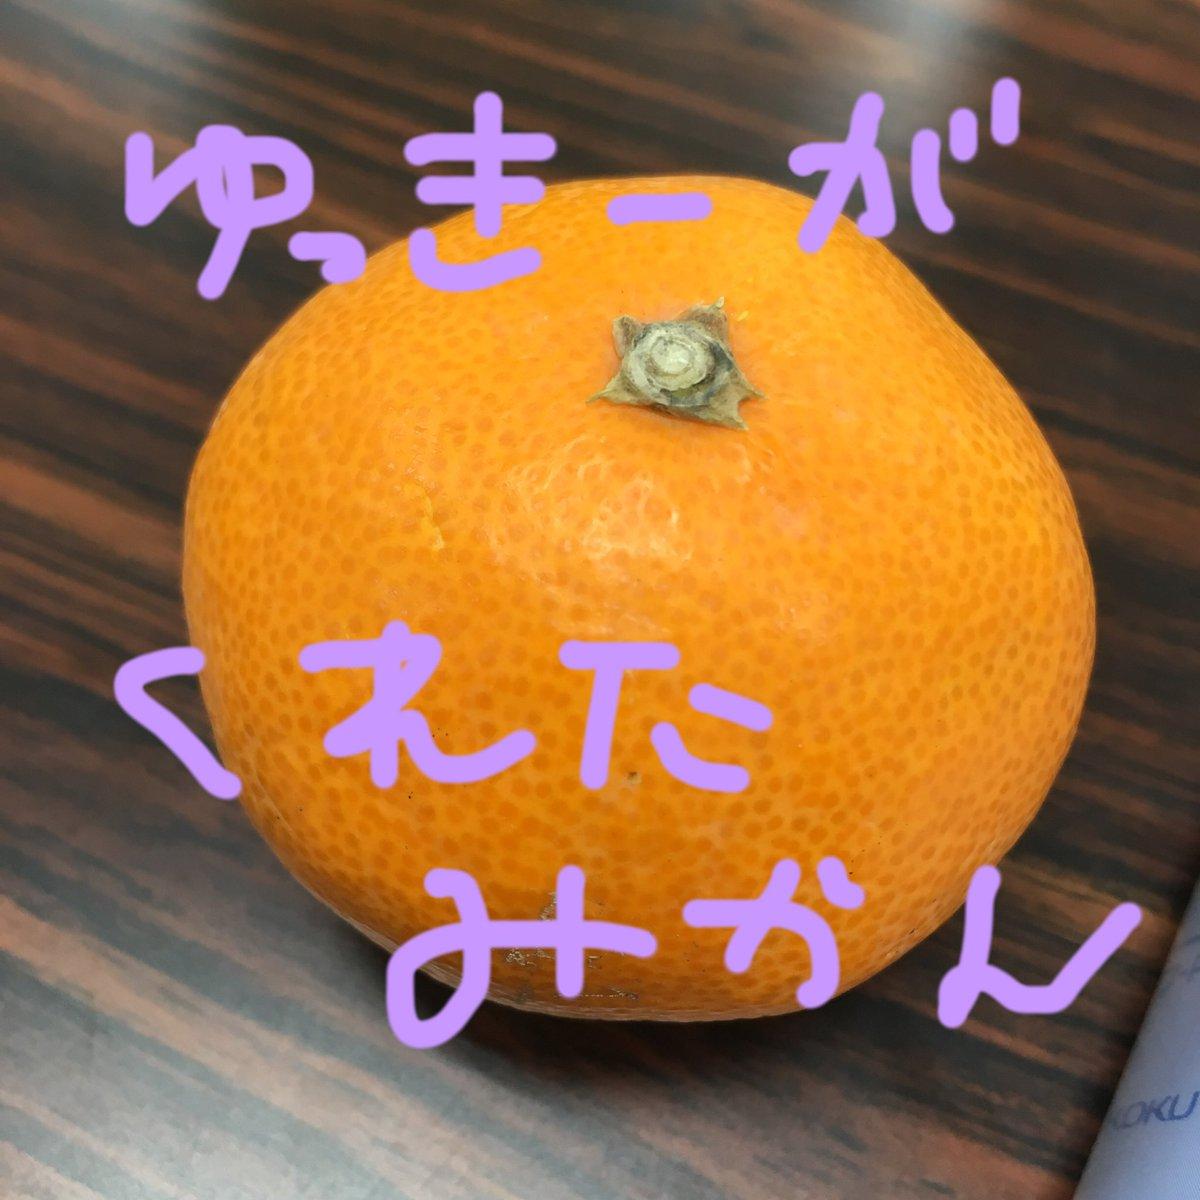 鈴木みのり officialさんの投稿画像